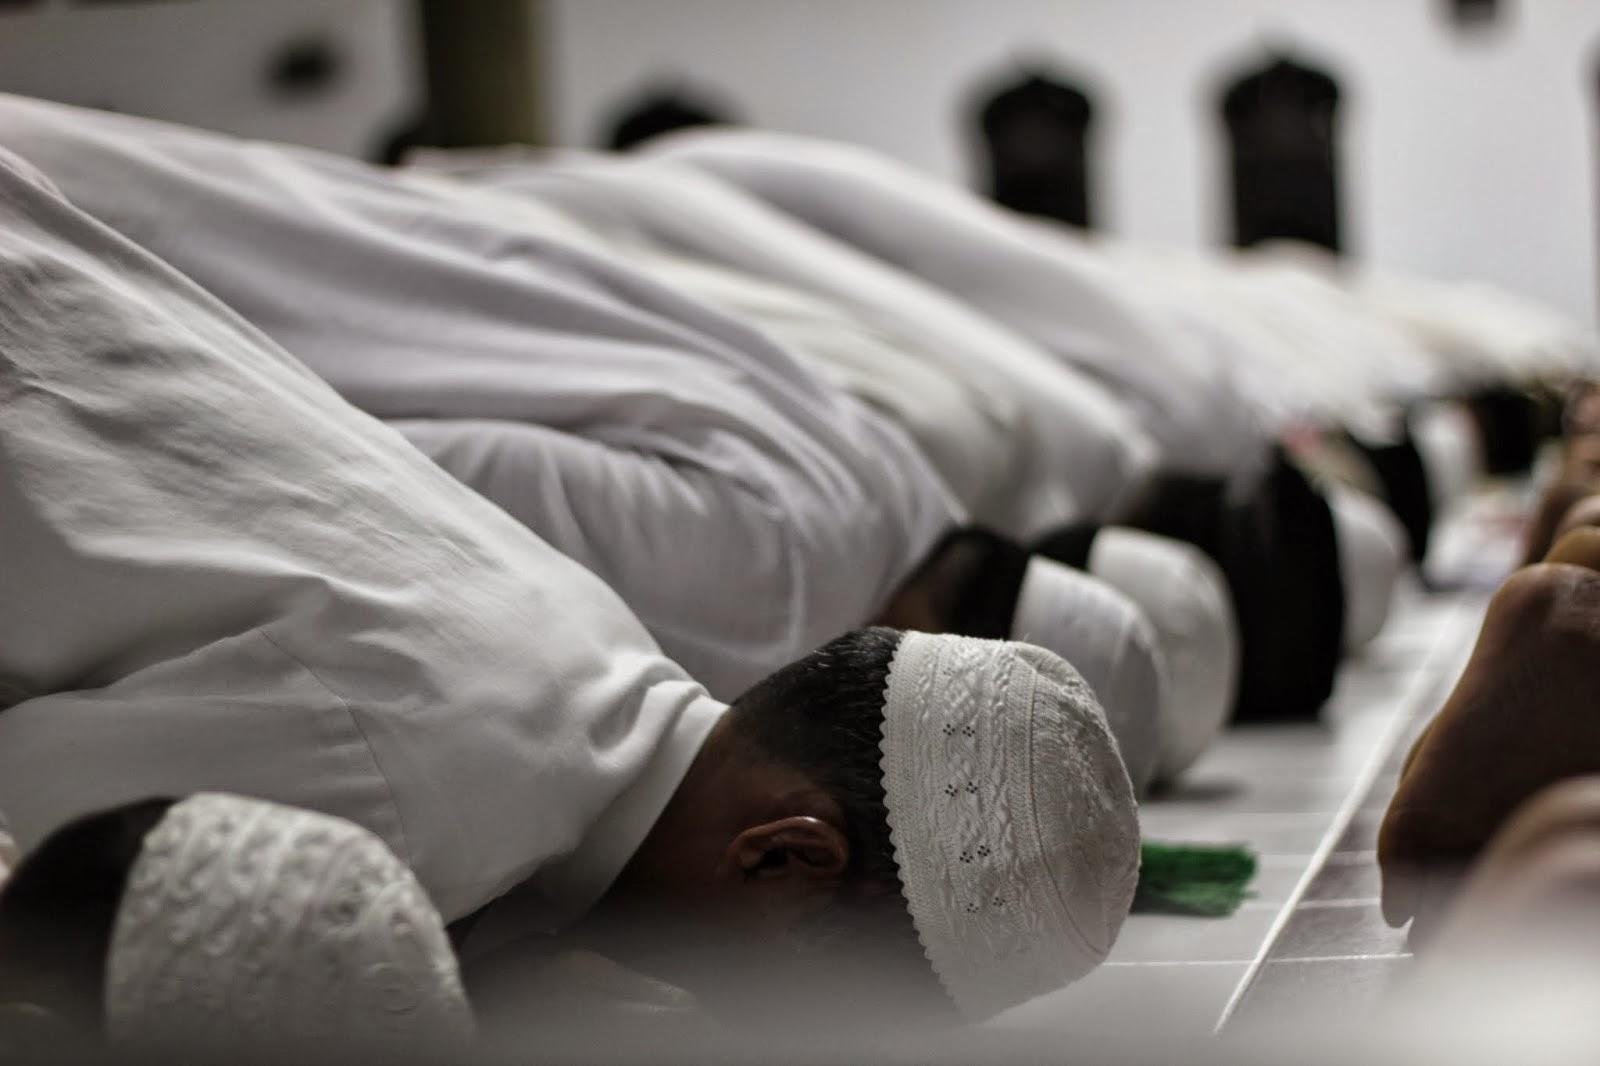 8 Keutamaan Melaksanakan Shalat Subuh Berjamaah di Masjid - Madaninews.id